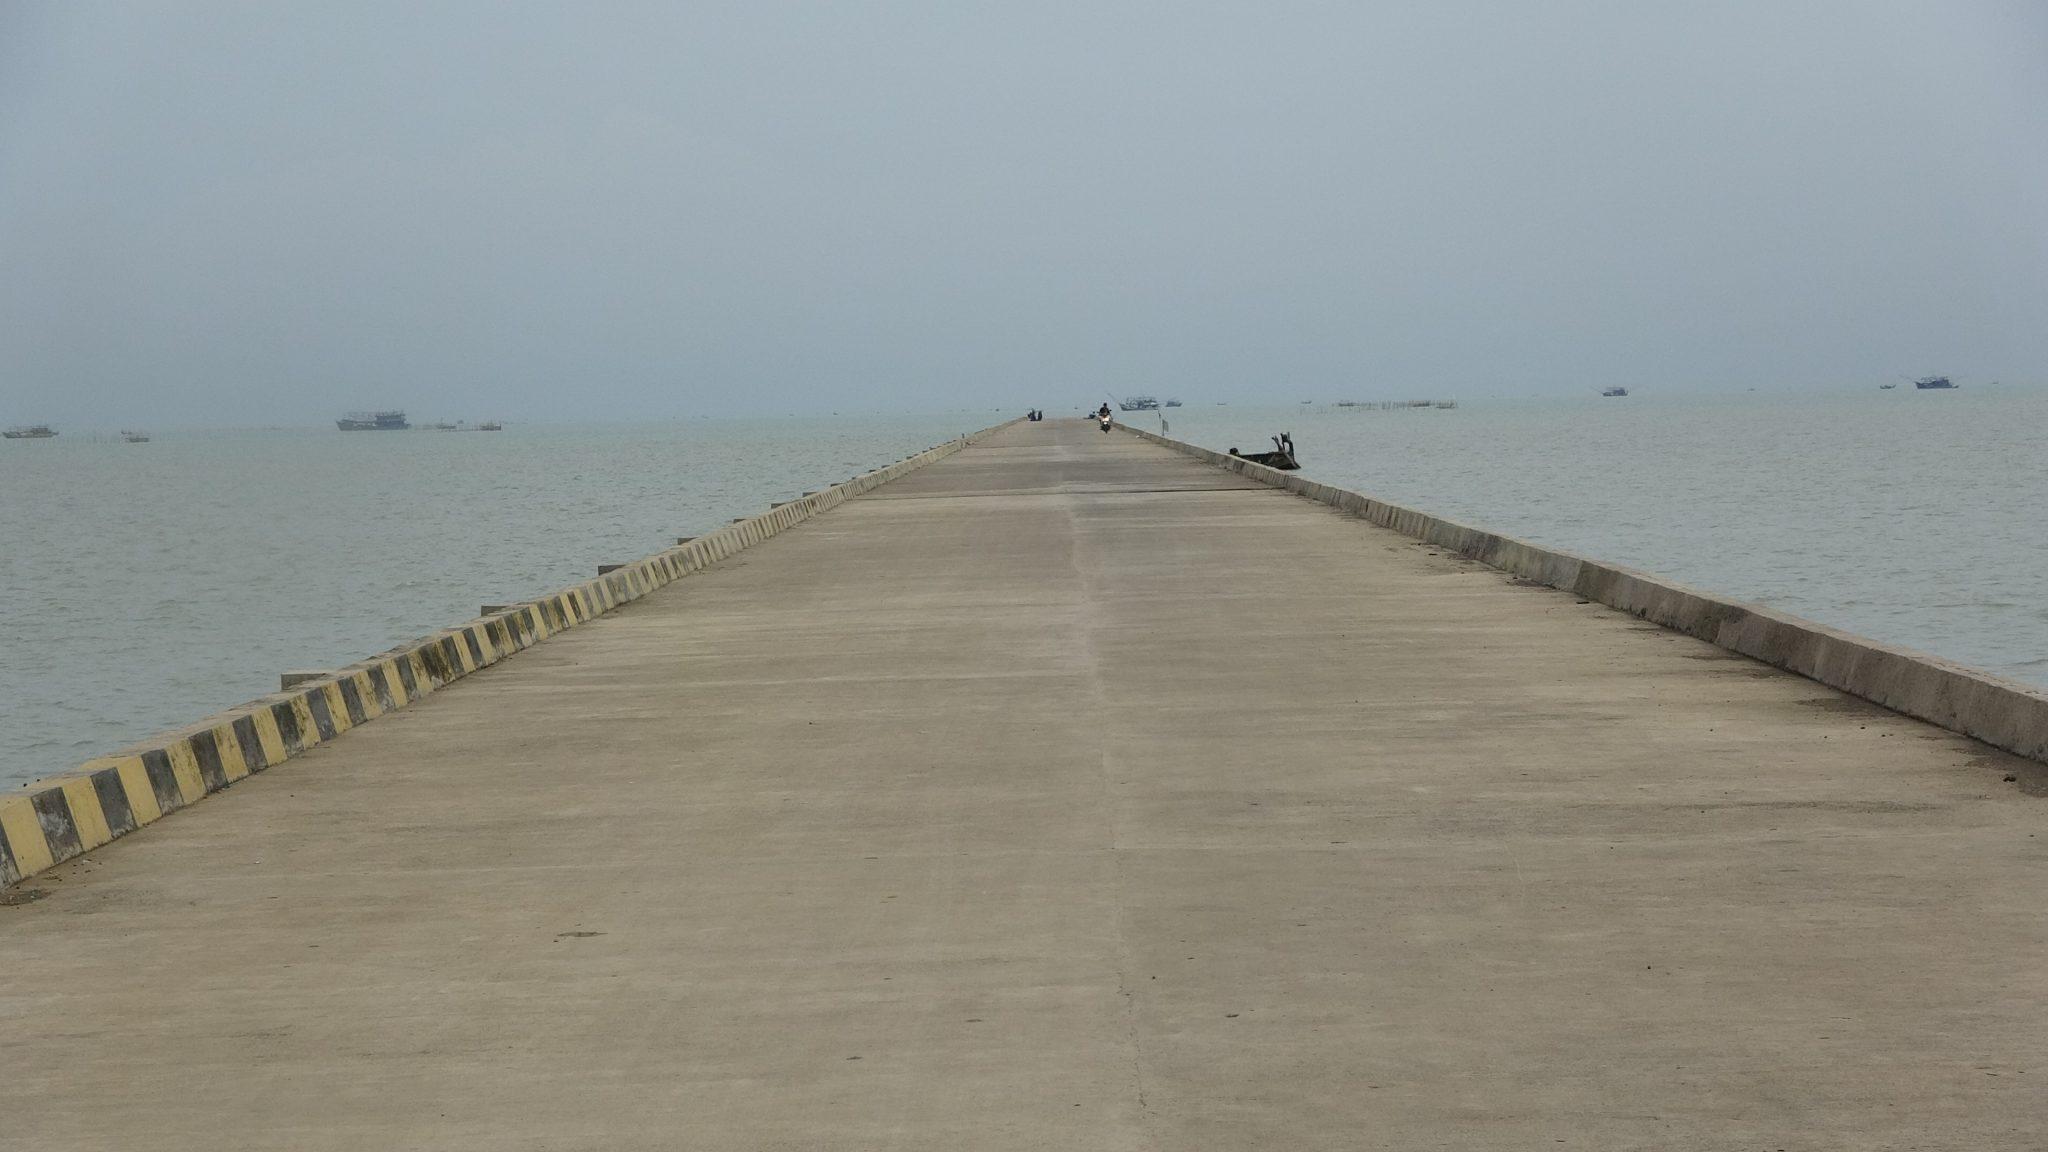 Pelabuhan_Eksisting_yang_akan_dikembangkan_menjadi_Pelabuhan_Internasional_Patimban